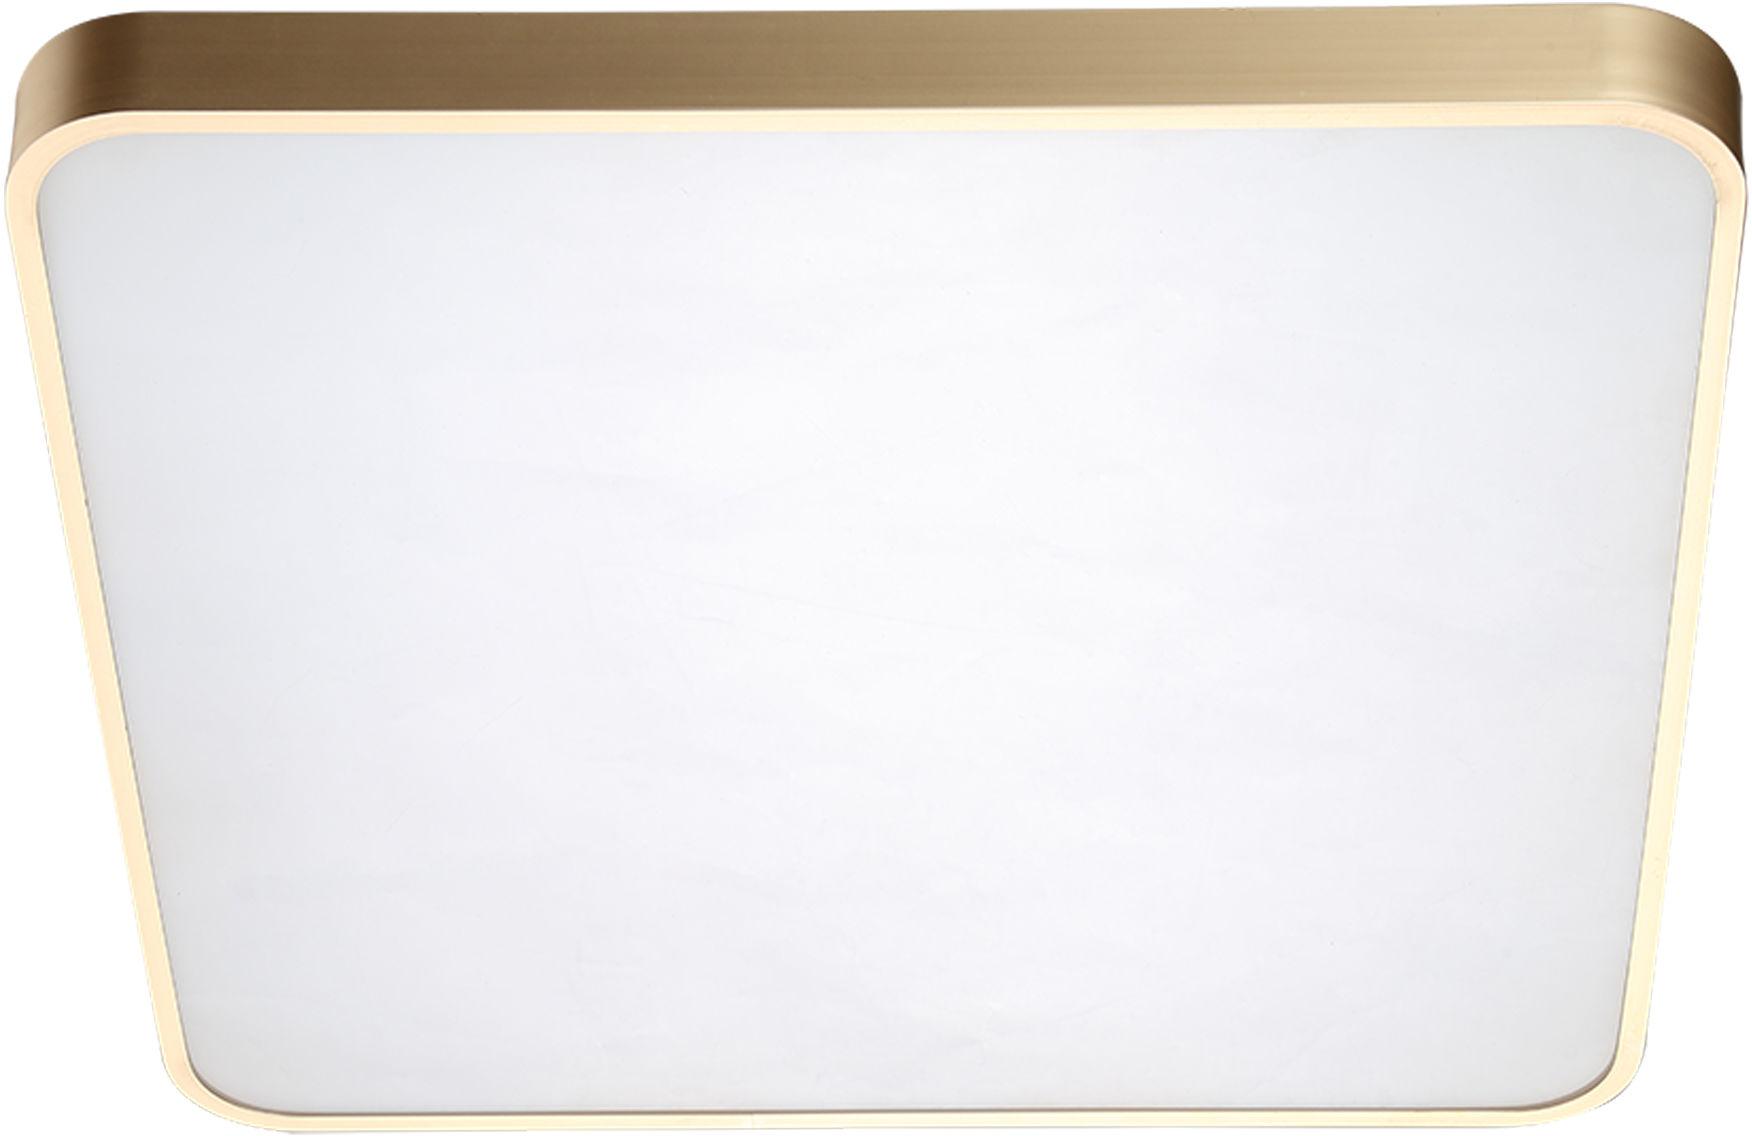 Sierra plafon złoty LED kwadratowy 50cm 12100005-GD - Zuma Line // Rabaty w koszyku i darmowa dostawa od 299zł !